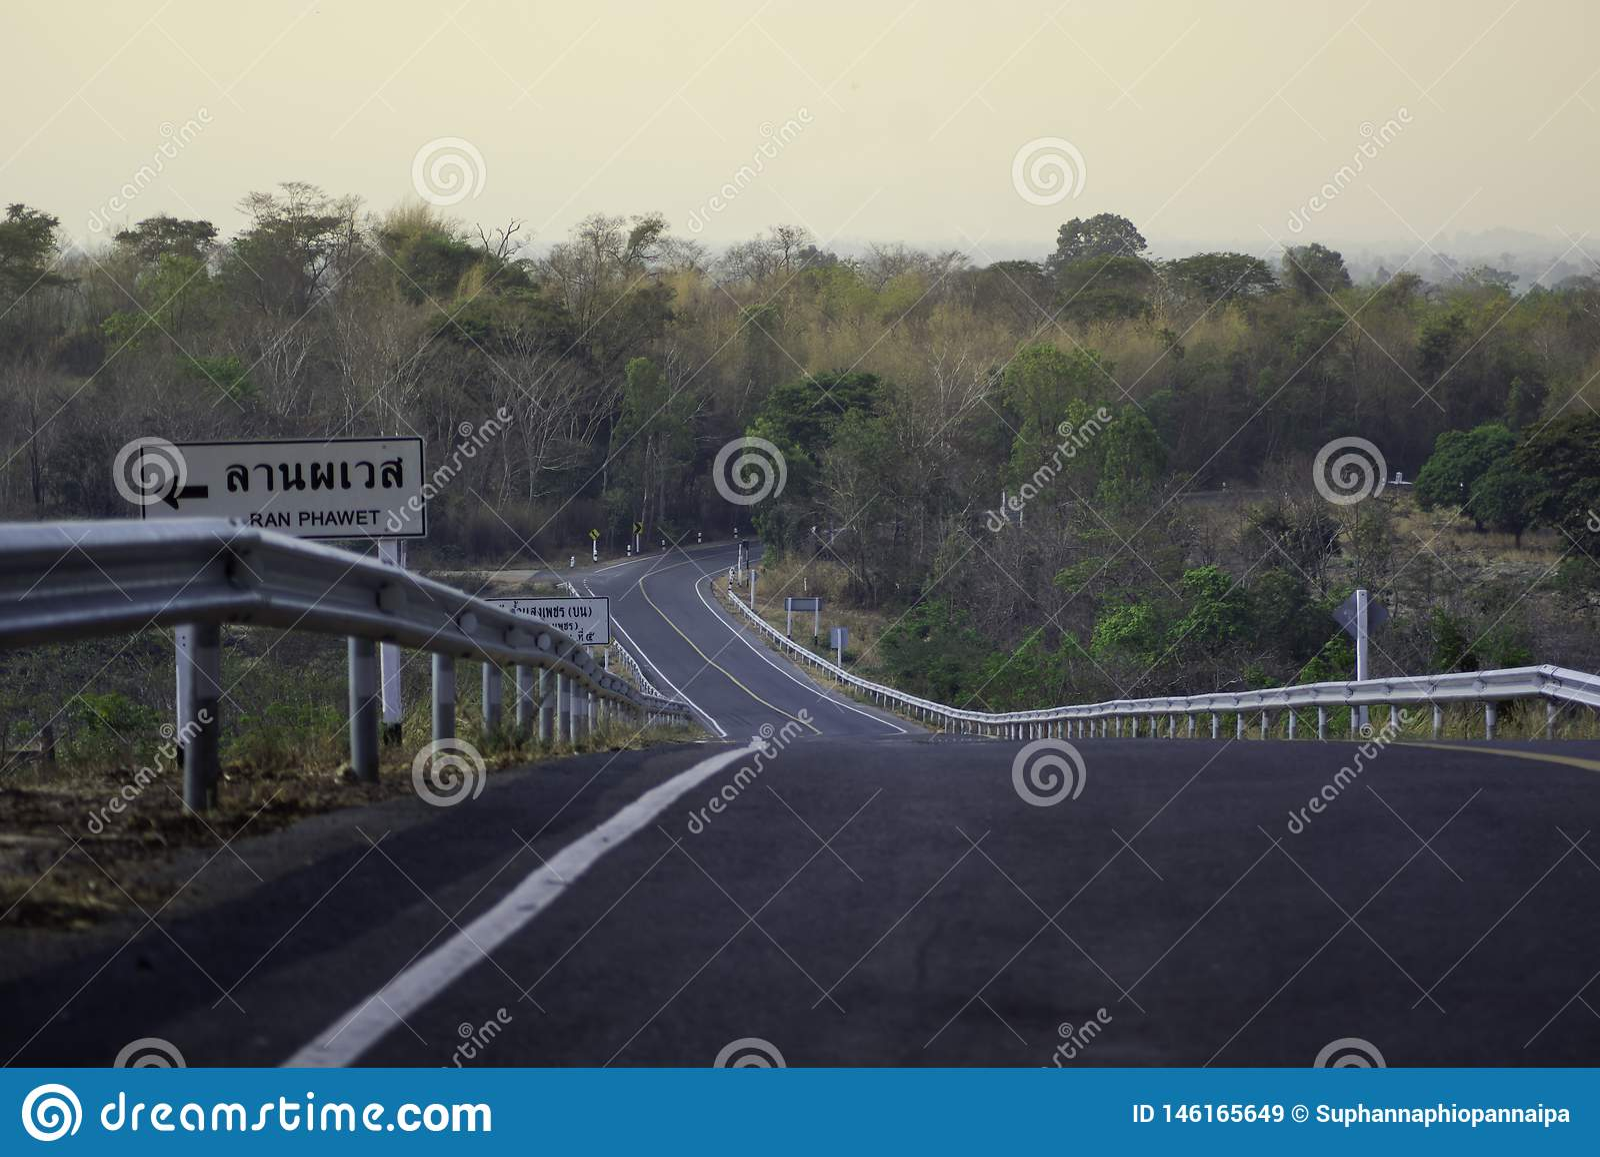 El camino tiene una línea amarilla y hay una señal de peligro en el lado izquierdo escarpado abajo de él